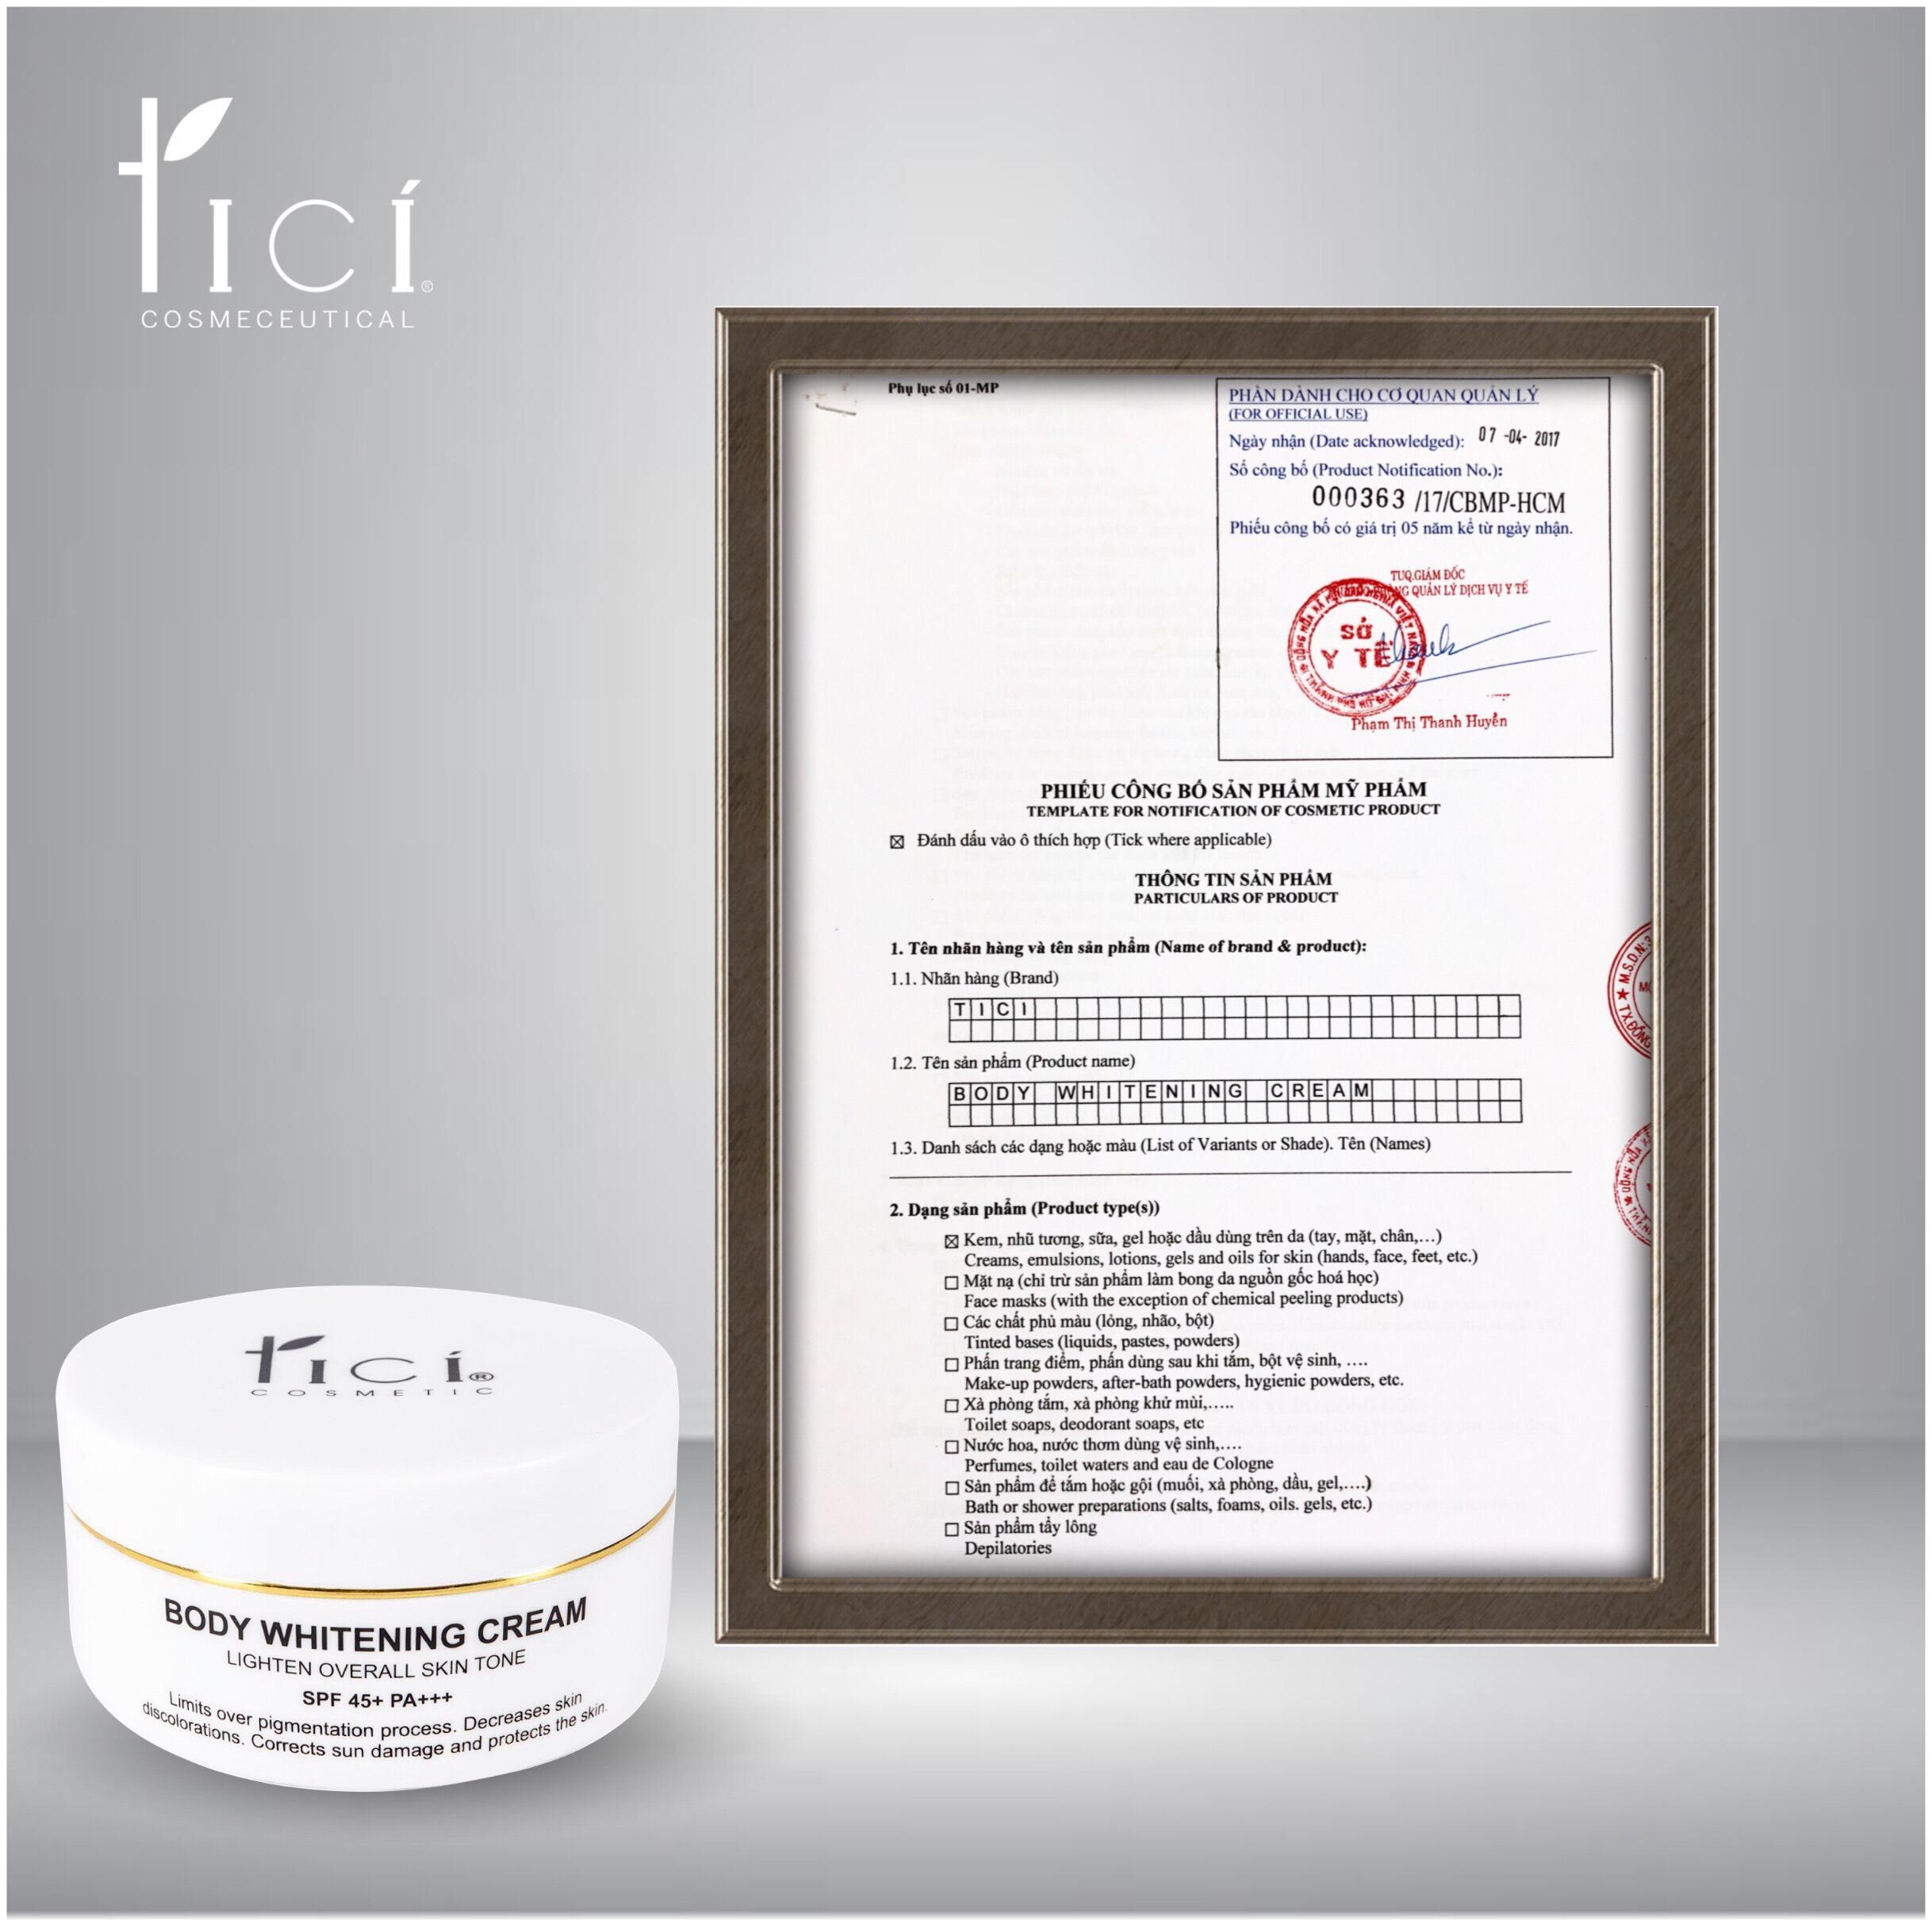 Kem dưỡng ẩm toàn thân TICI BODY WHITENING CREAM 150gr (Ảnh 14)